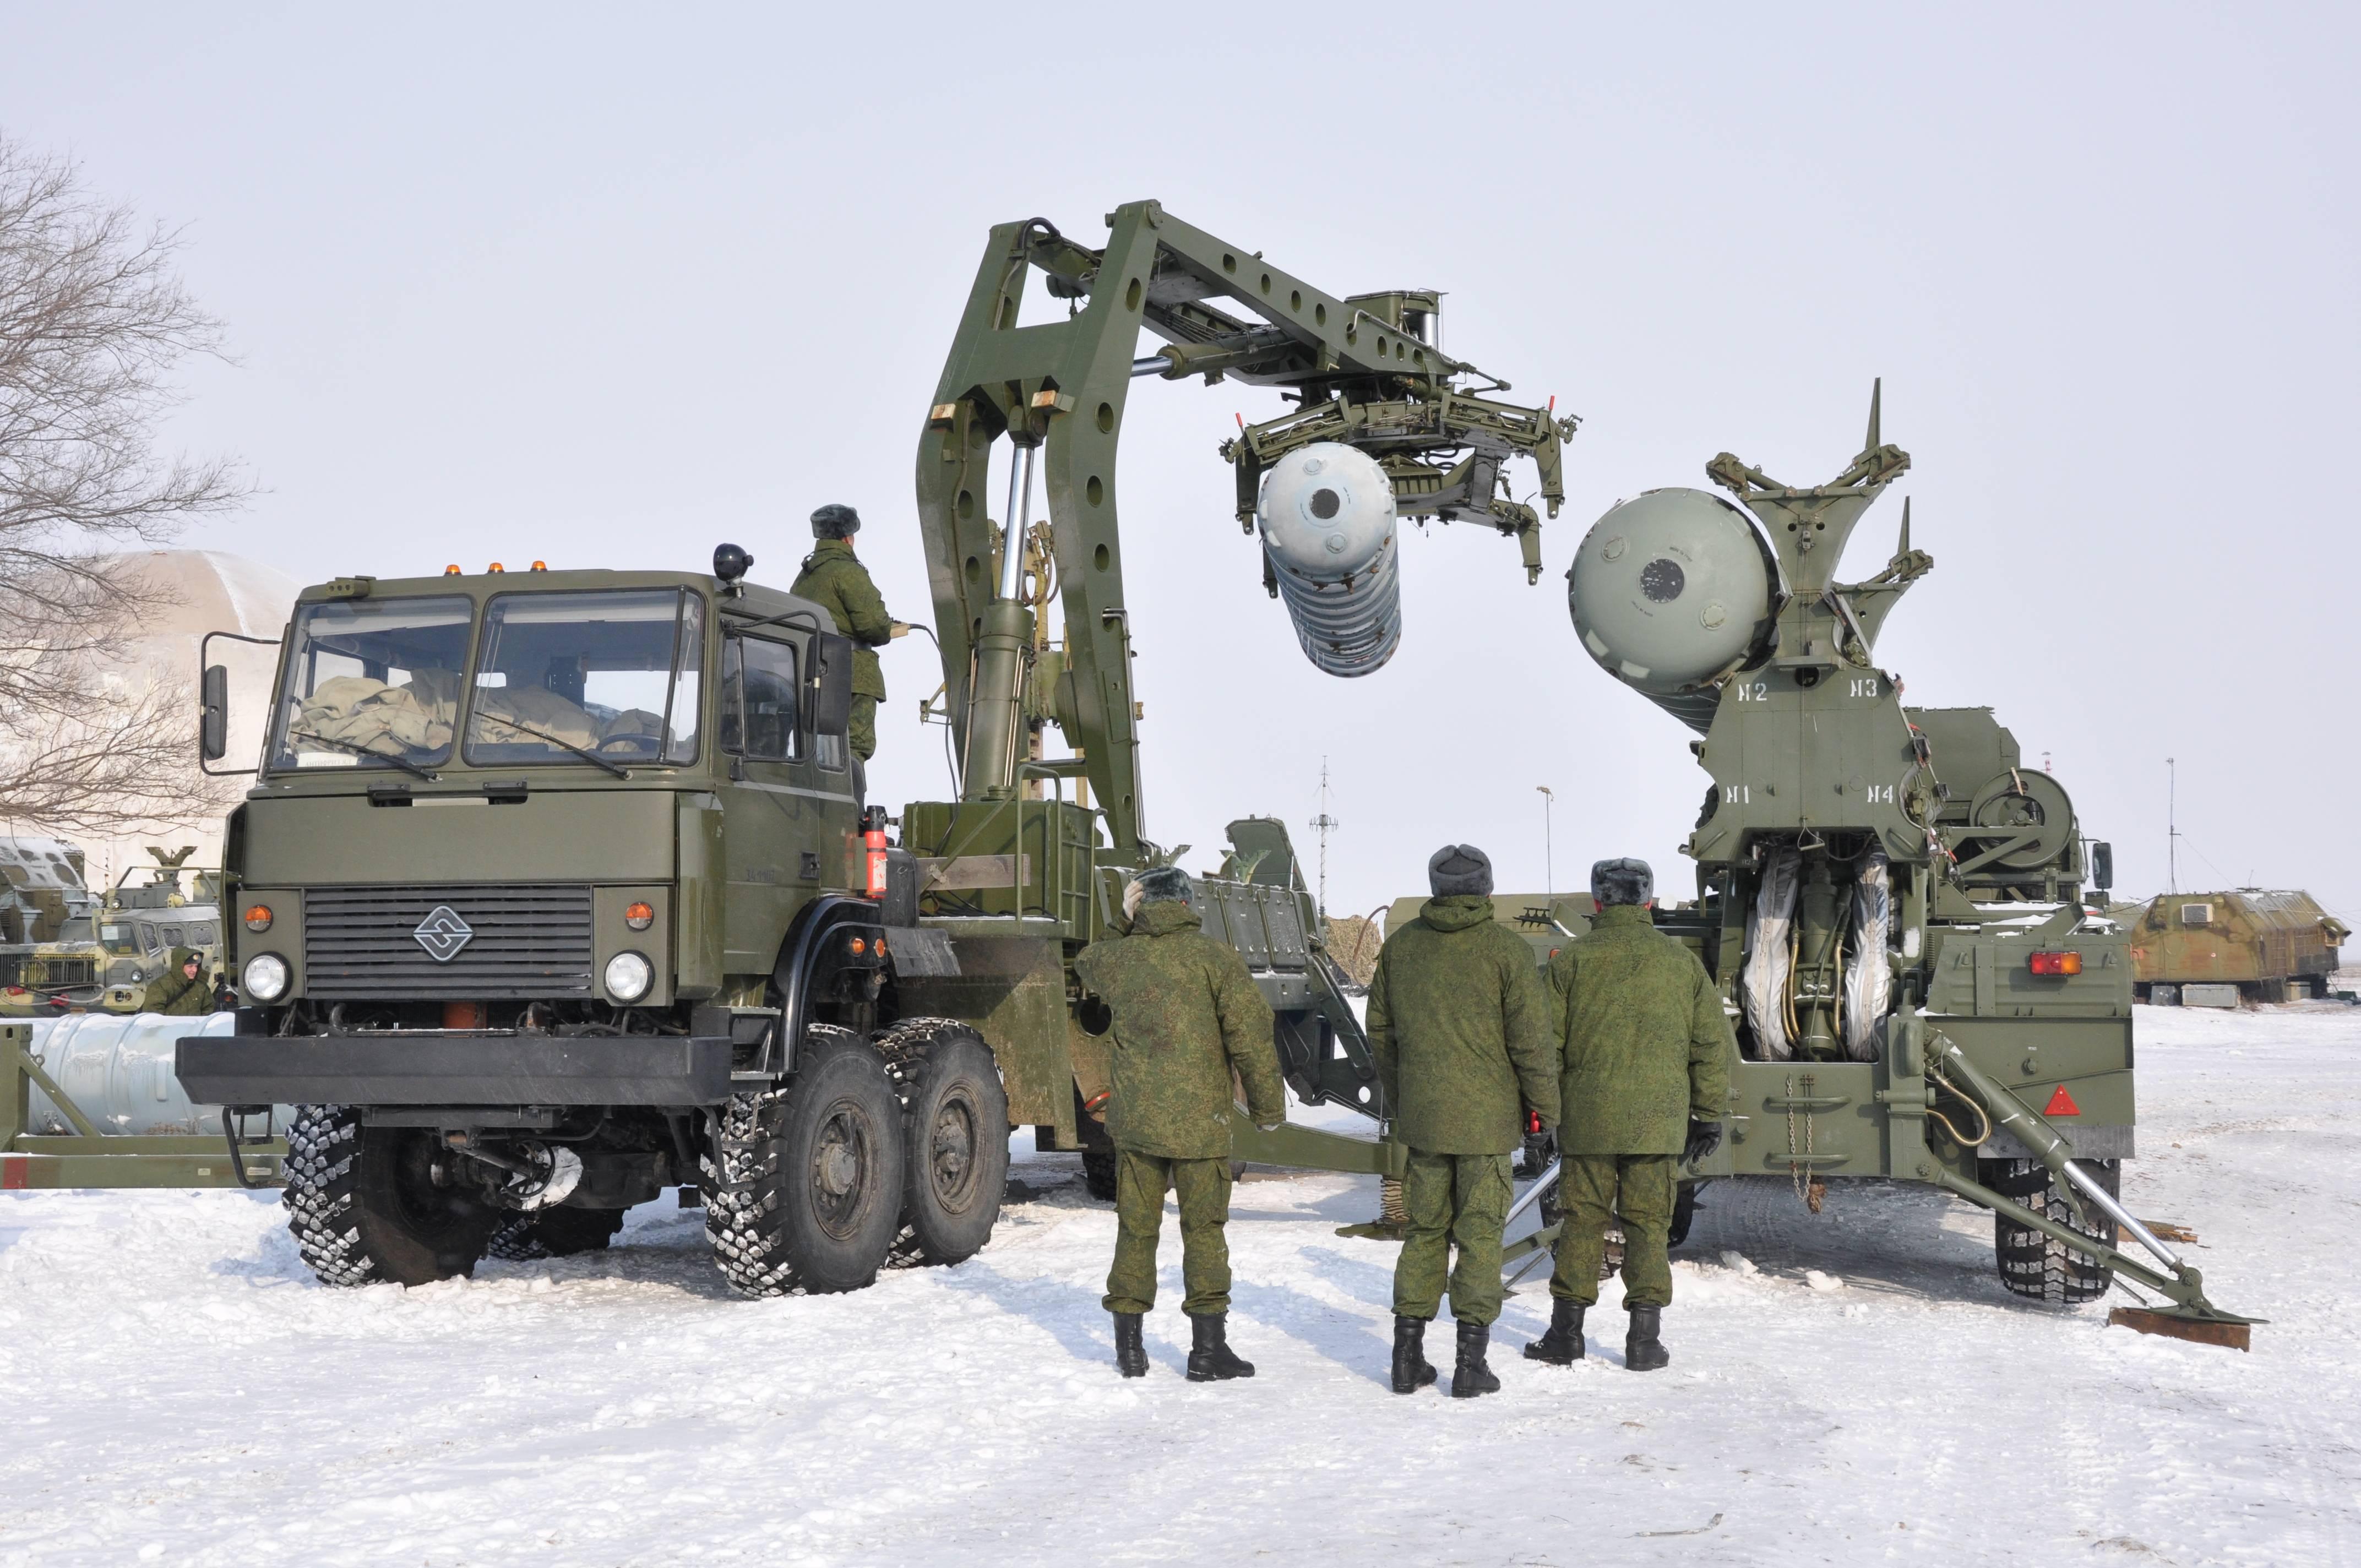 Вместо с-400: какие системы пво будут закупать российские военные